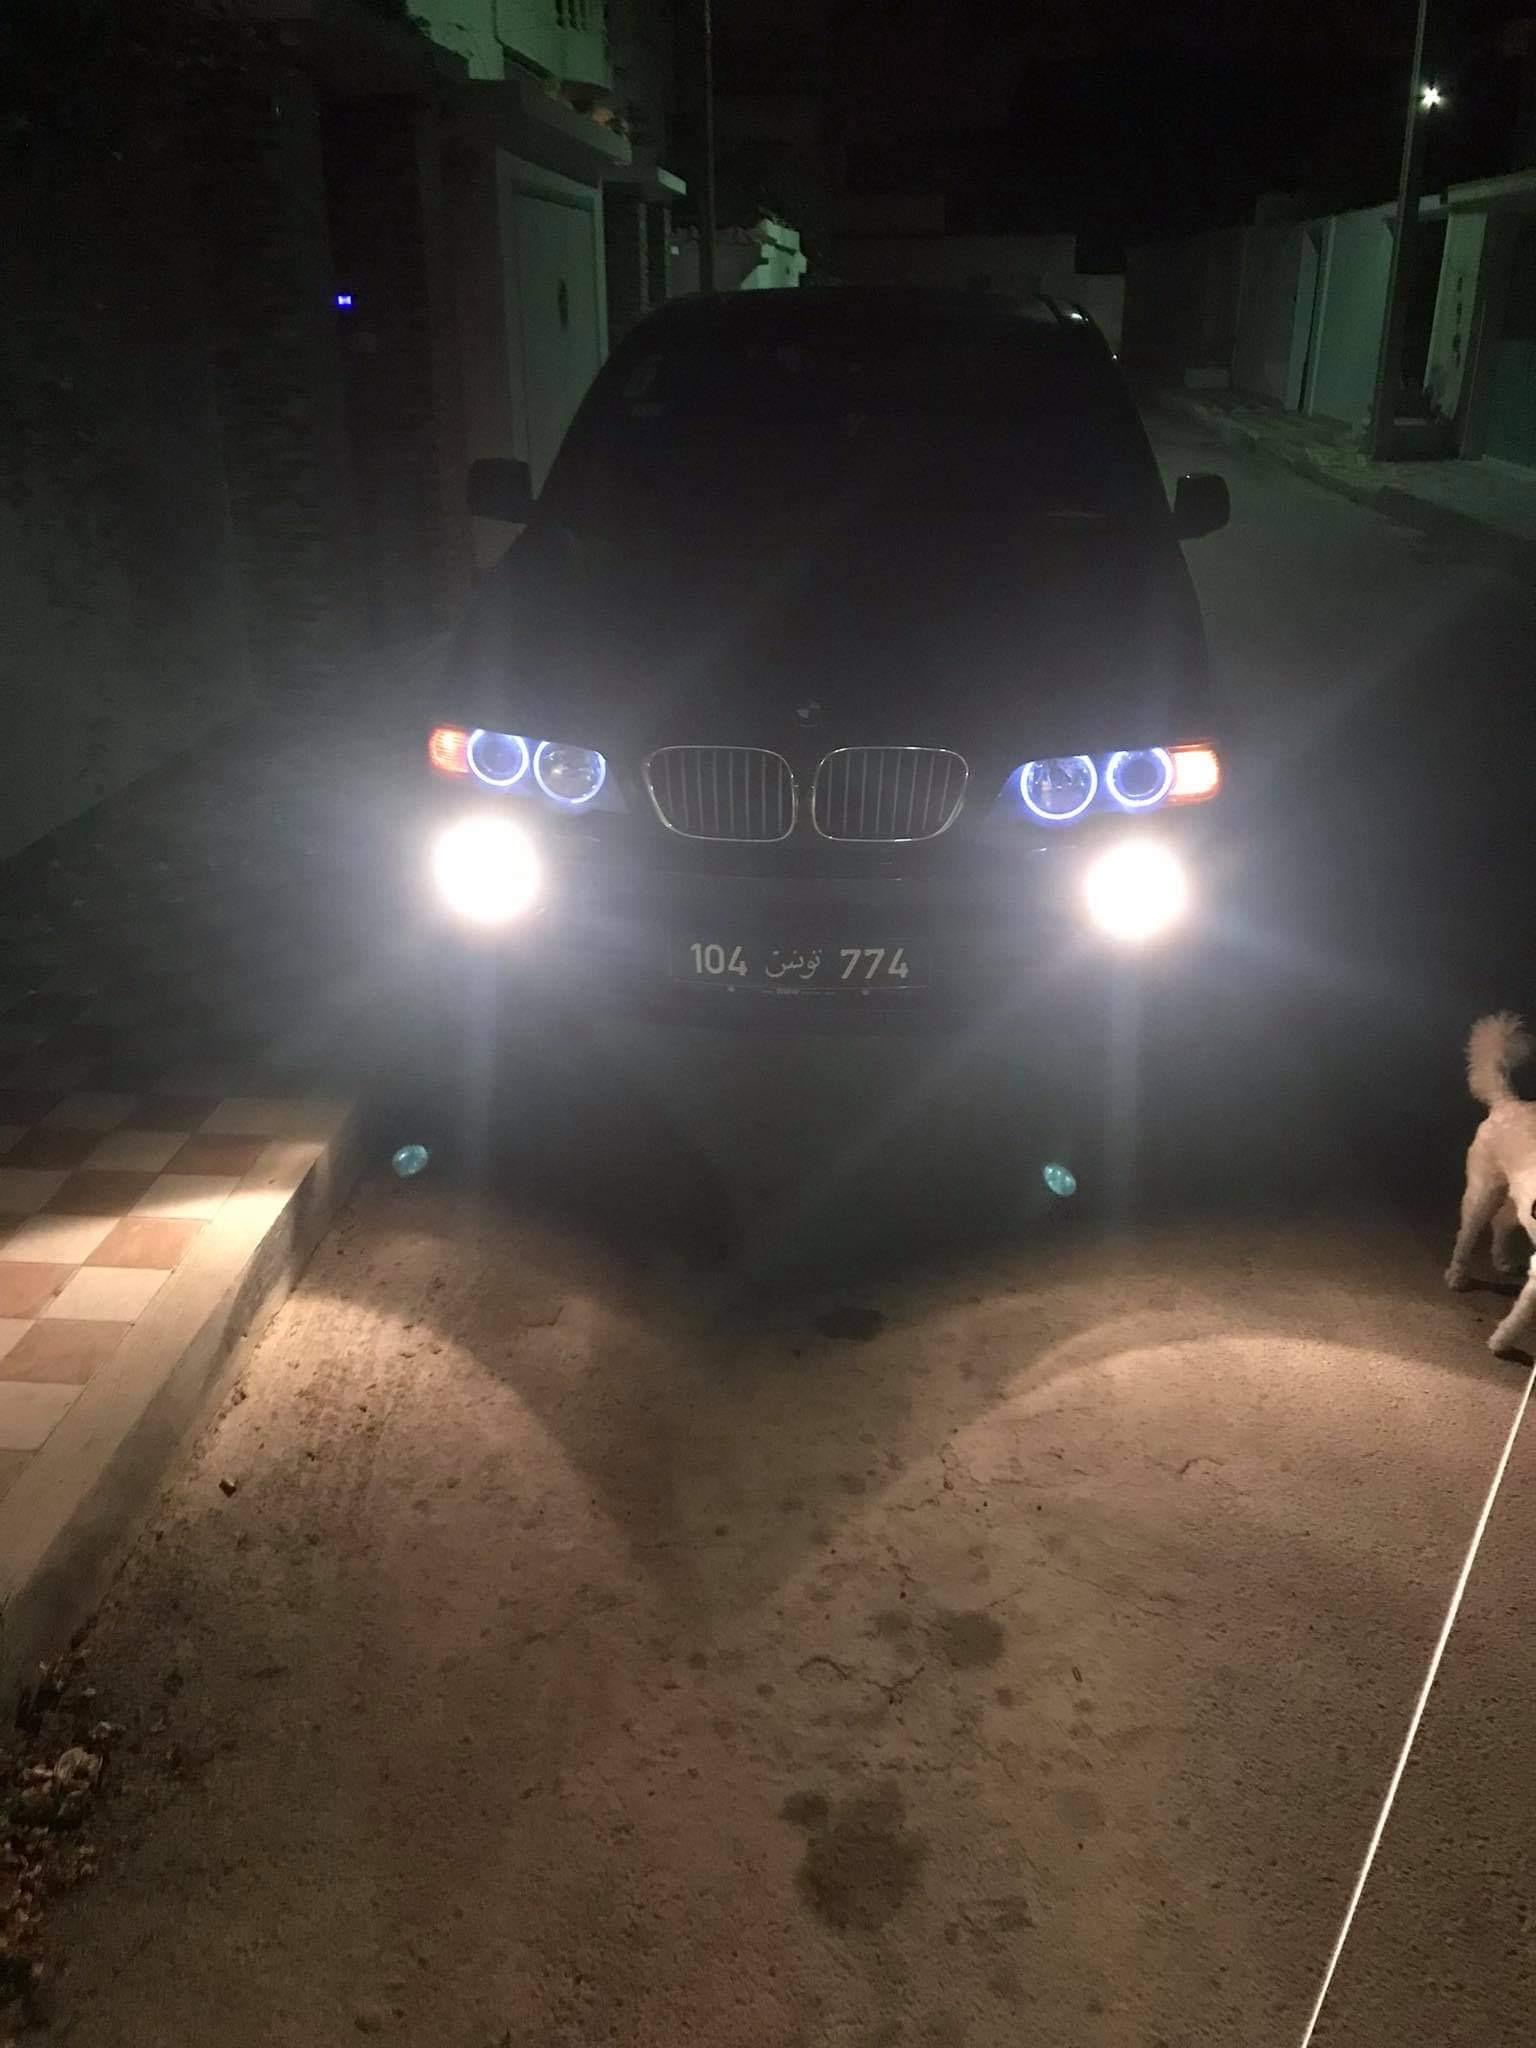 vente voiture occasion boite automatique tunisie bmw x5